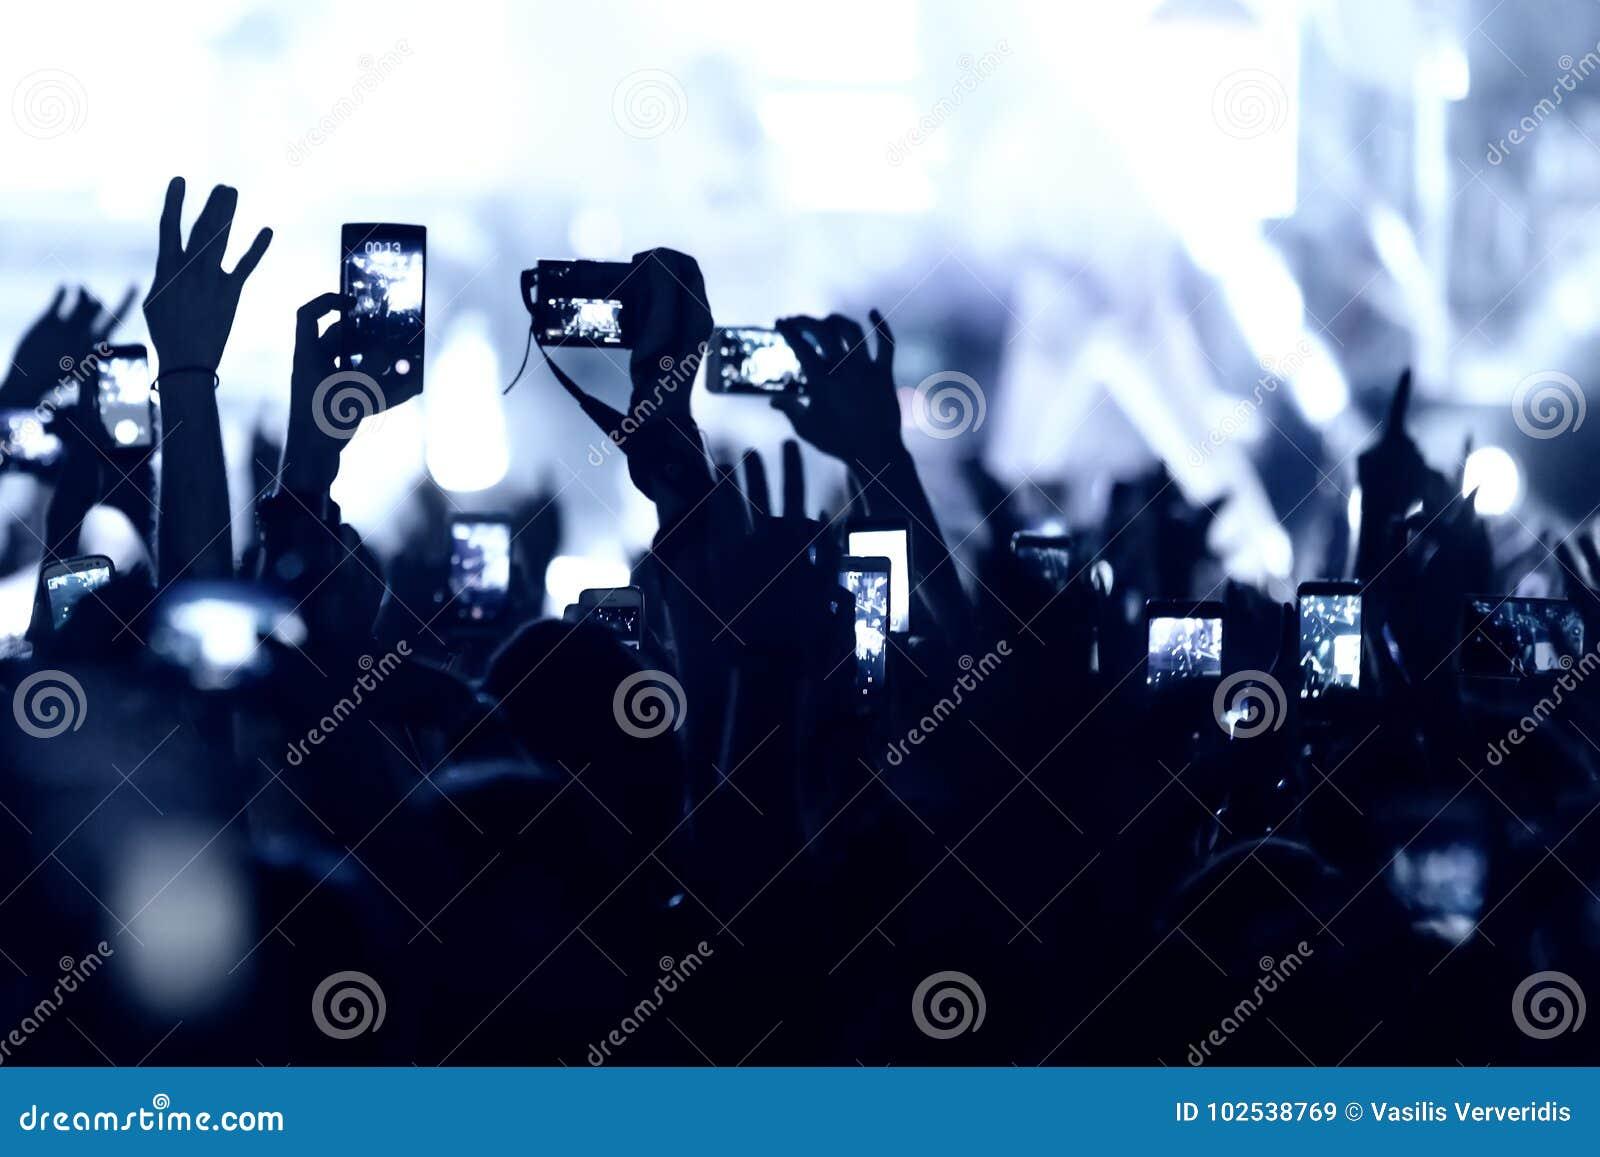 La main avec un smartphone enregistre le festival de musique en direct